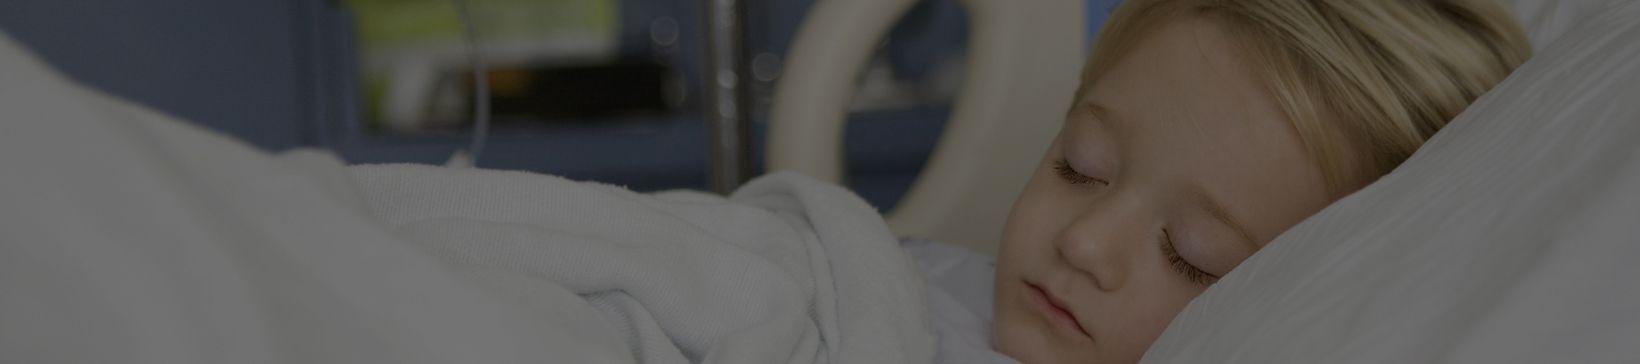 HGBlog-Operation-Enfant-Soleil-Hopital